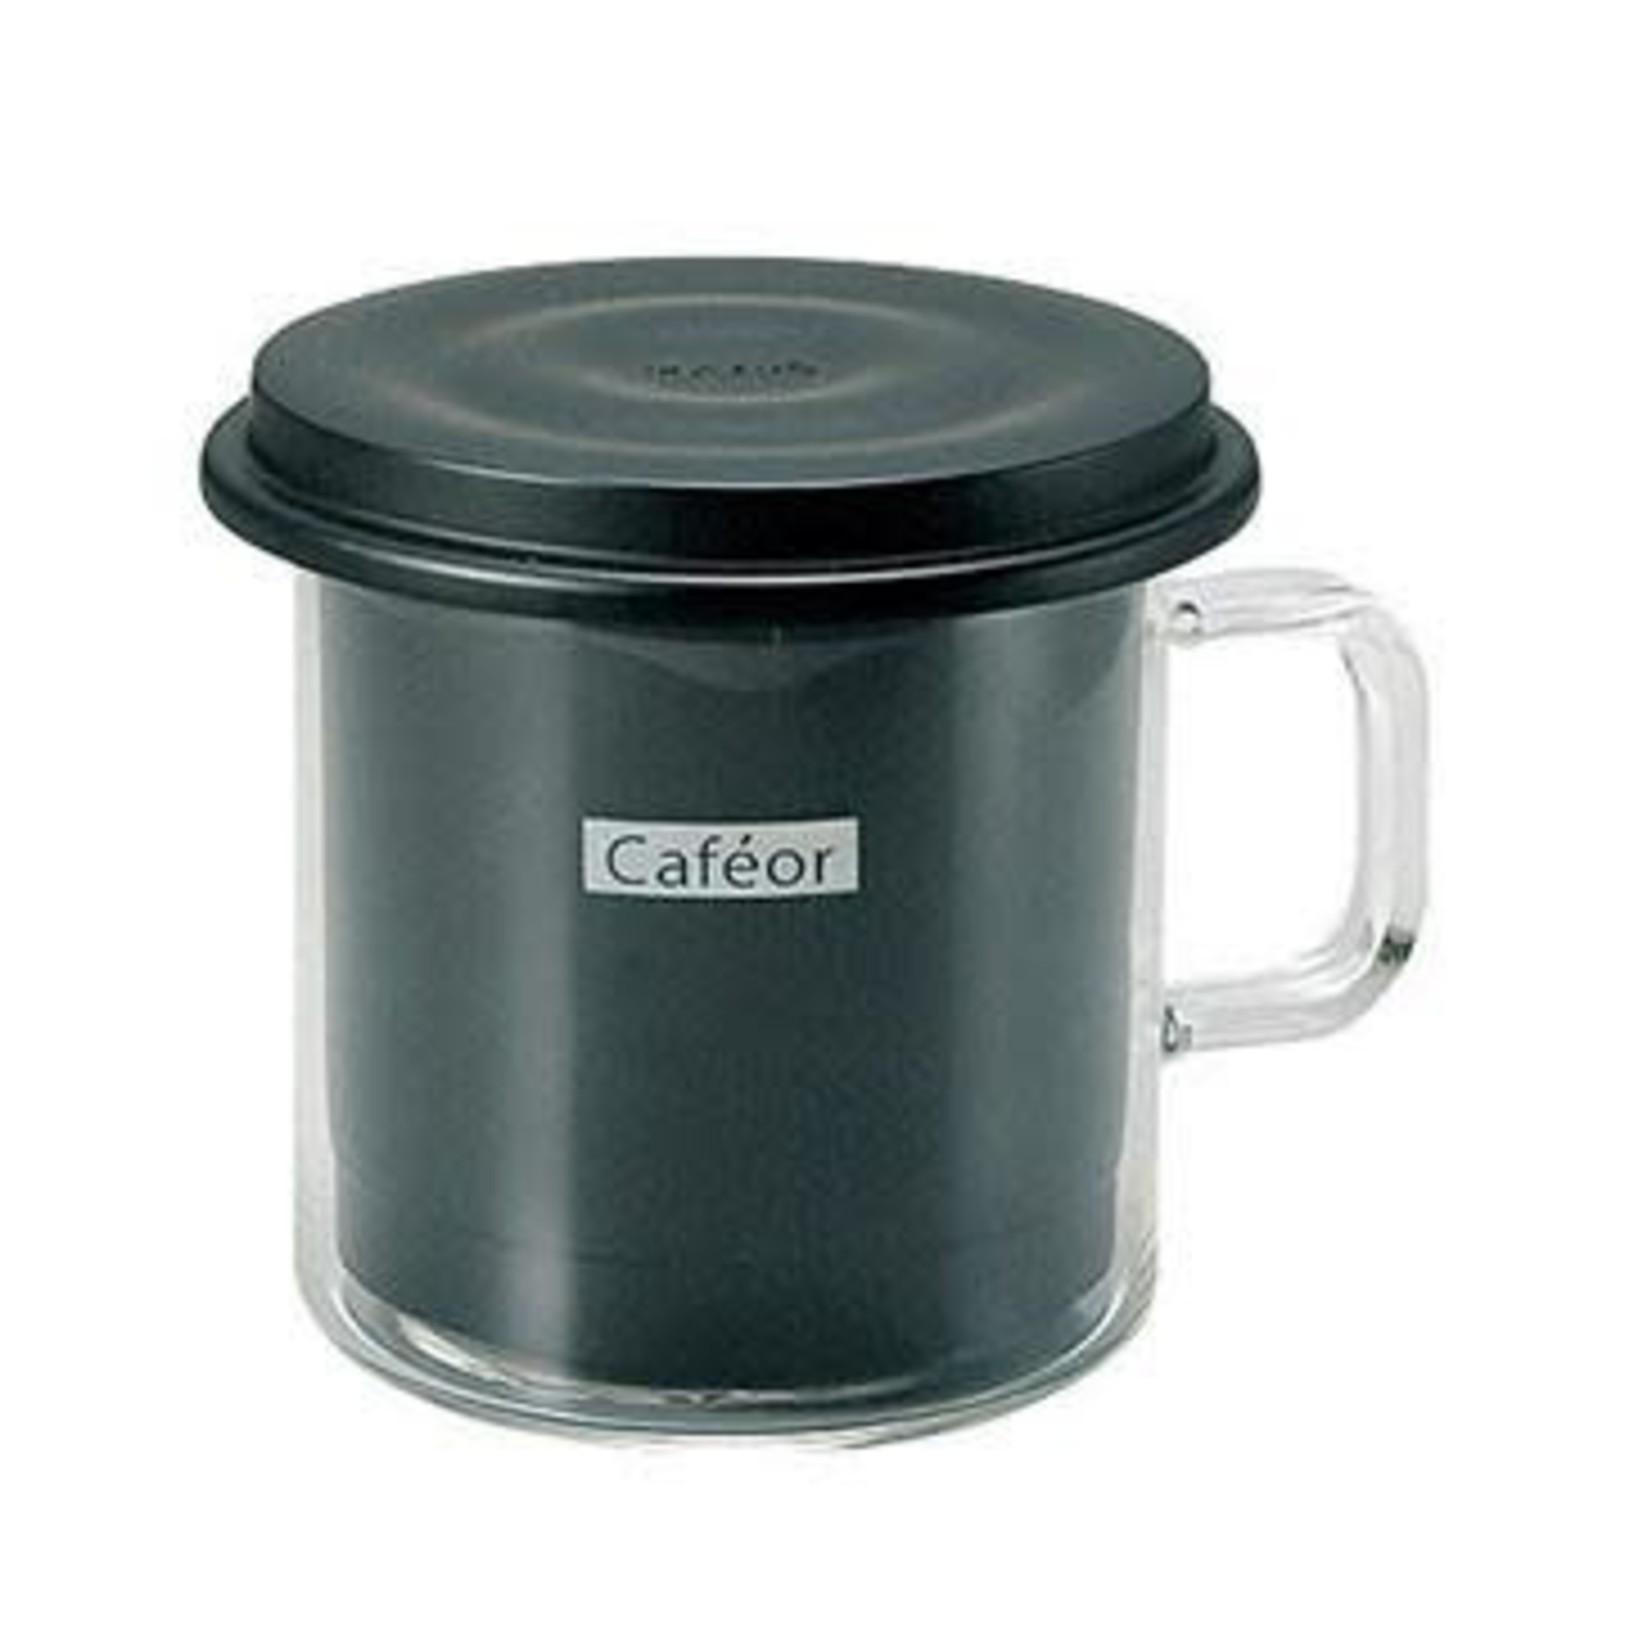 Hario Hario CafeOr 1 Cup Travel Dripper & Mug